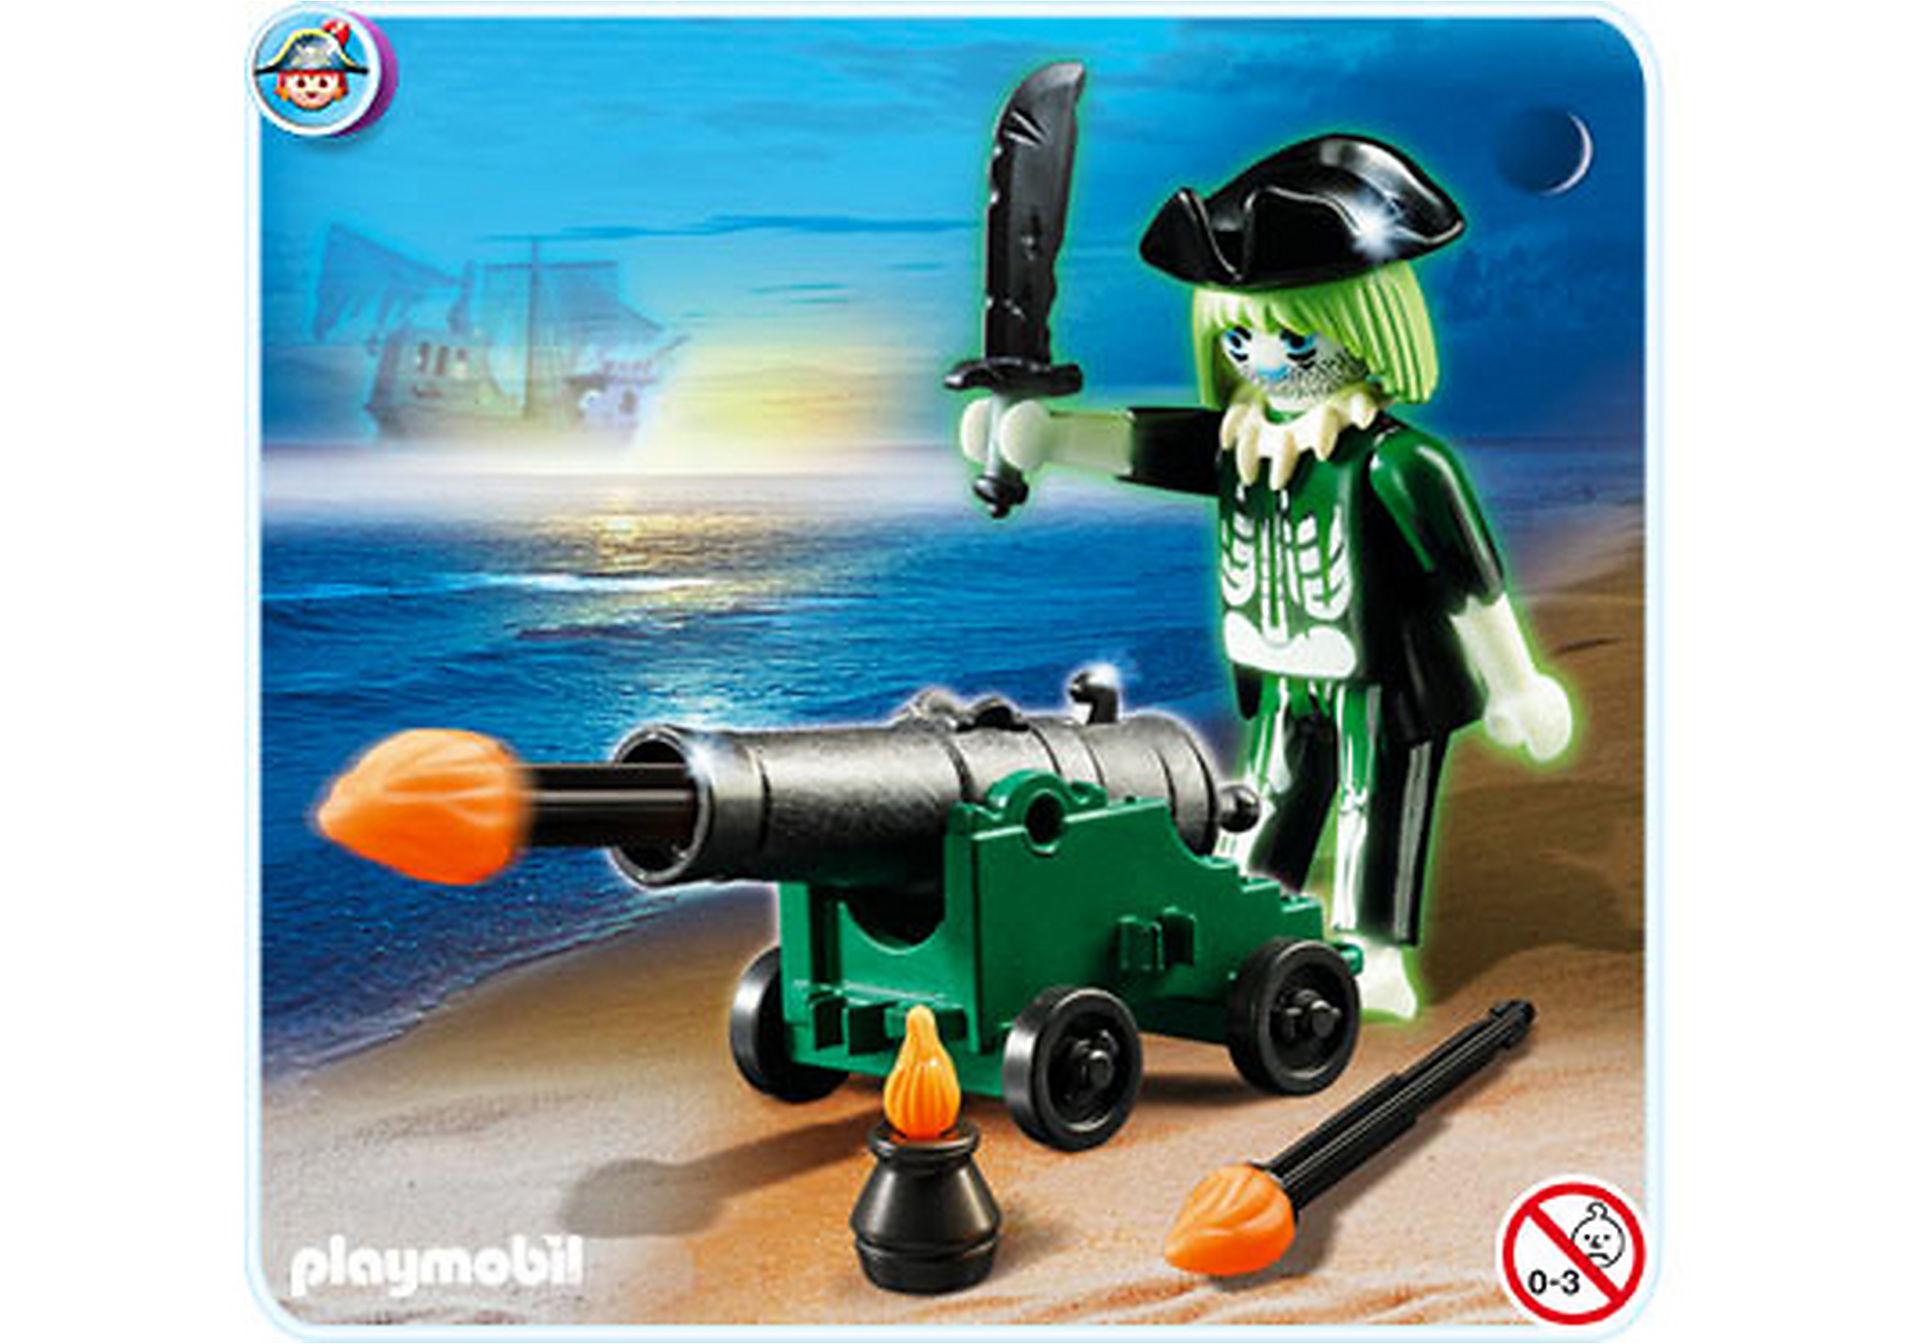 4928-A Pirate fantôme avec canon zoom image2